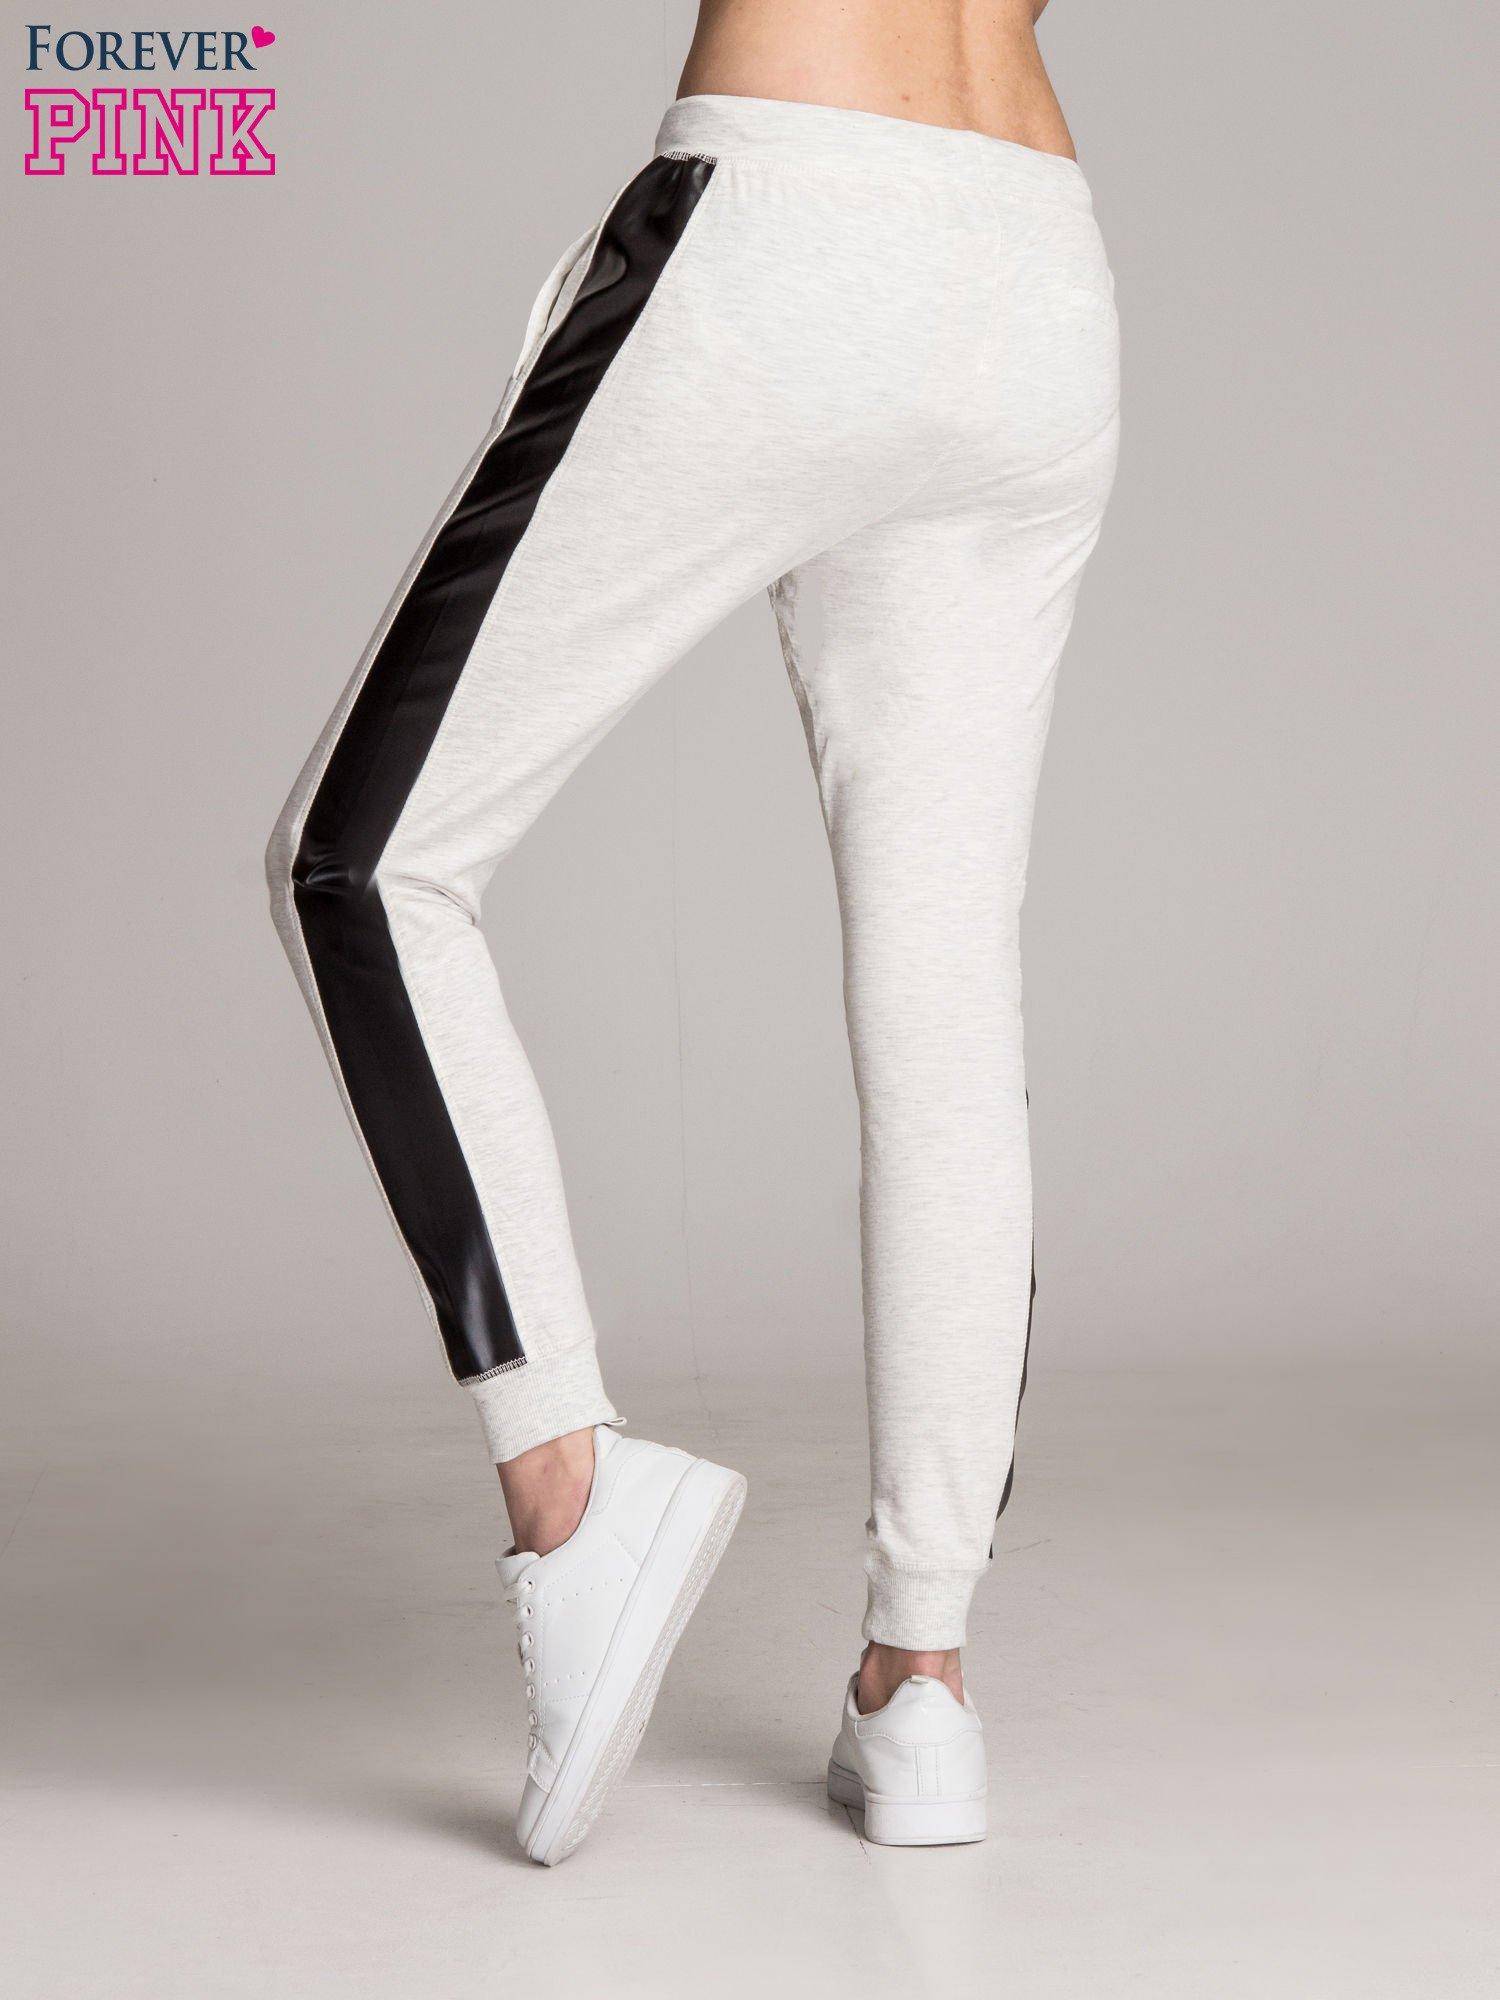 Jasnoszare spodnie dresowe damskie ze skórzanymi lampasami                                  zdj.                                  2